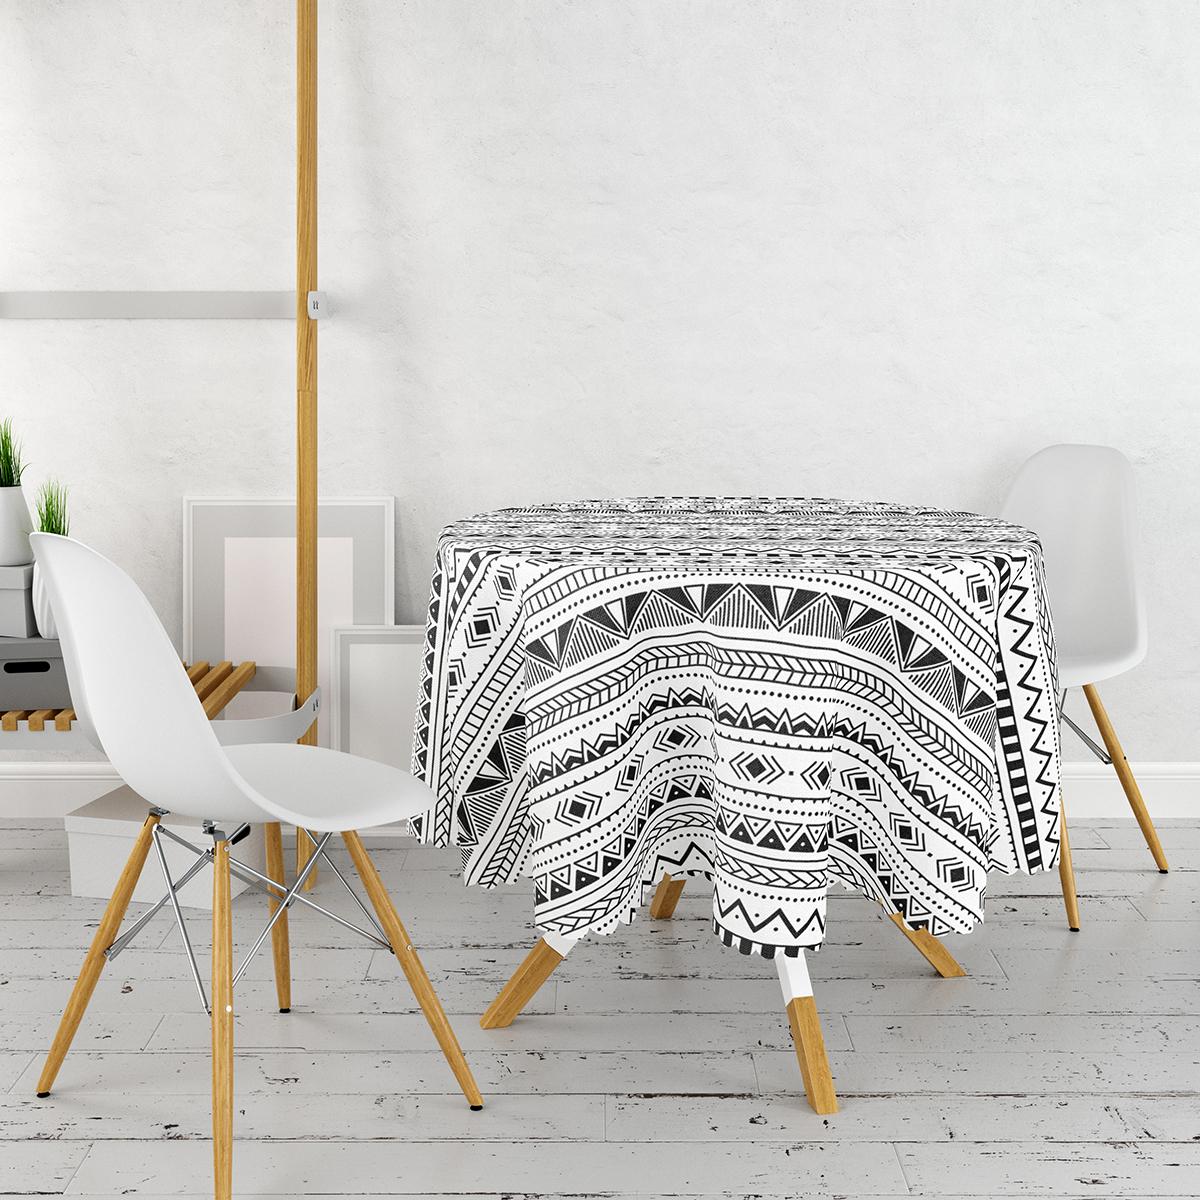 İskandinav Desenli Etnik Tasarımlı Dijital Baskılı Modern Yuvarlak Masa Örtüsü - Çap 140cm Realhomes